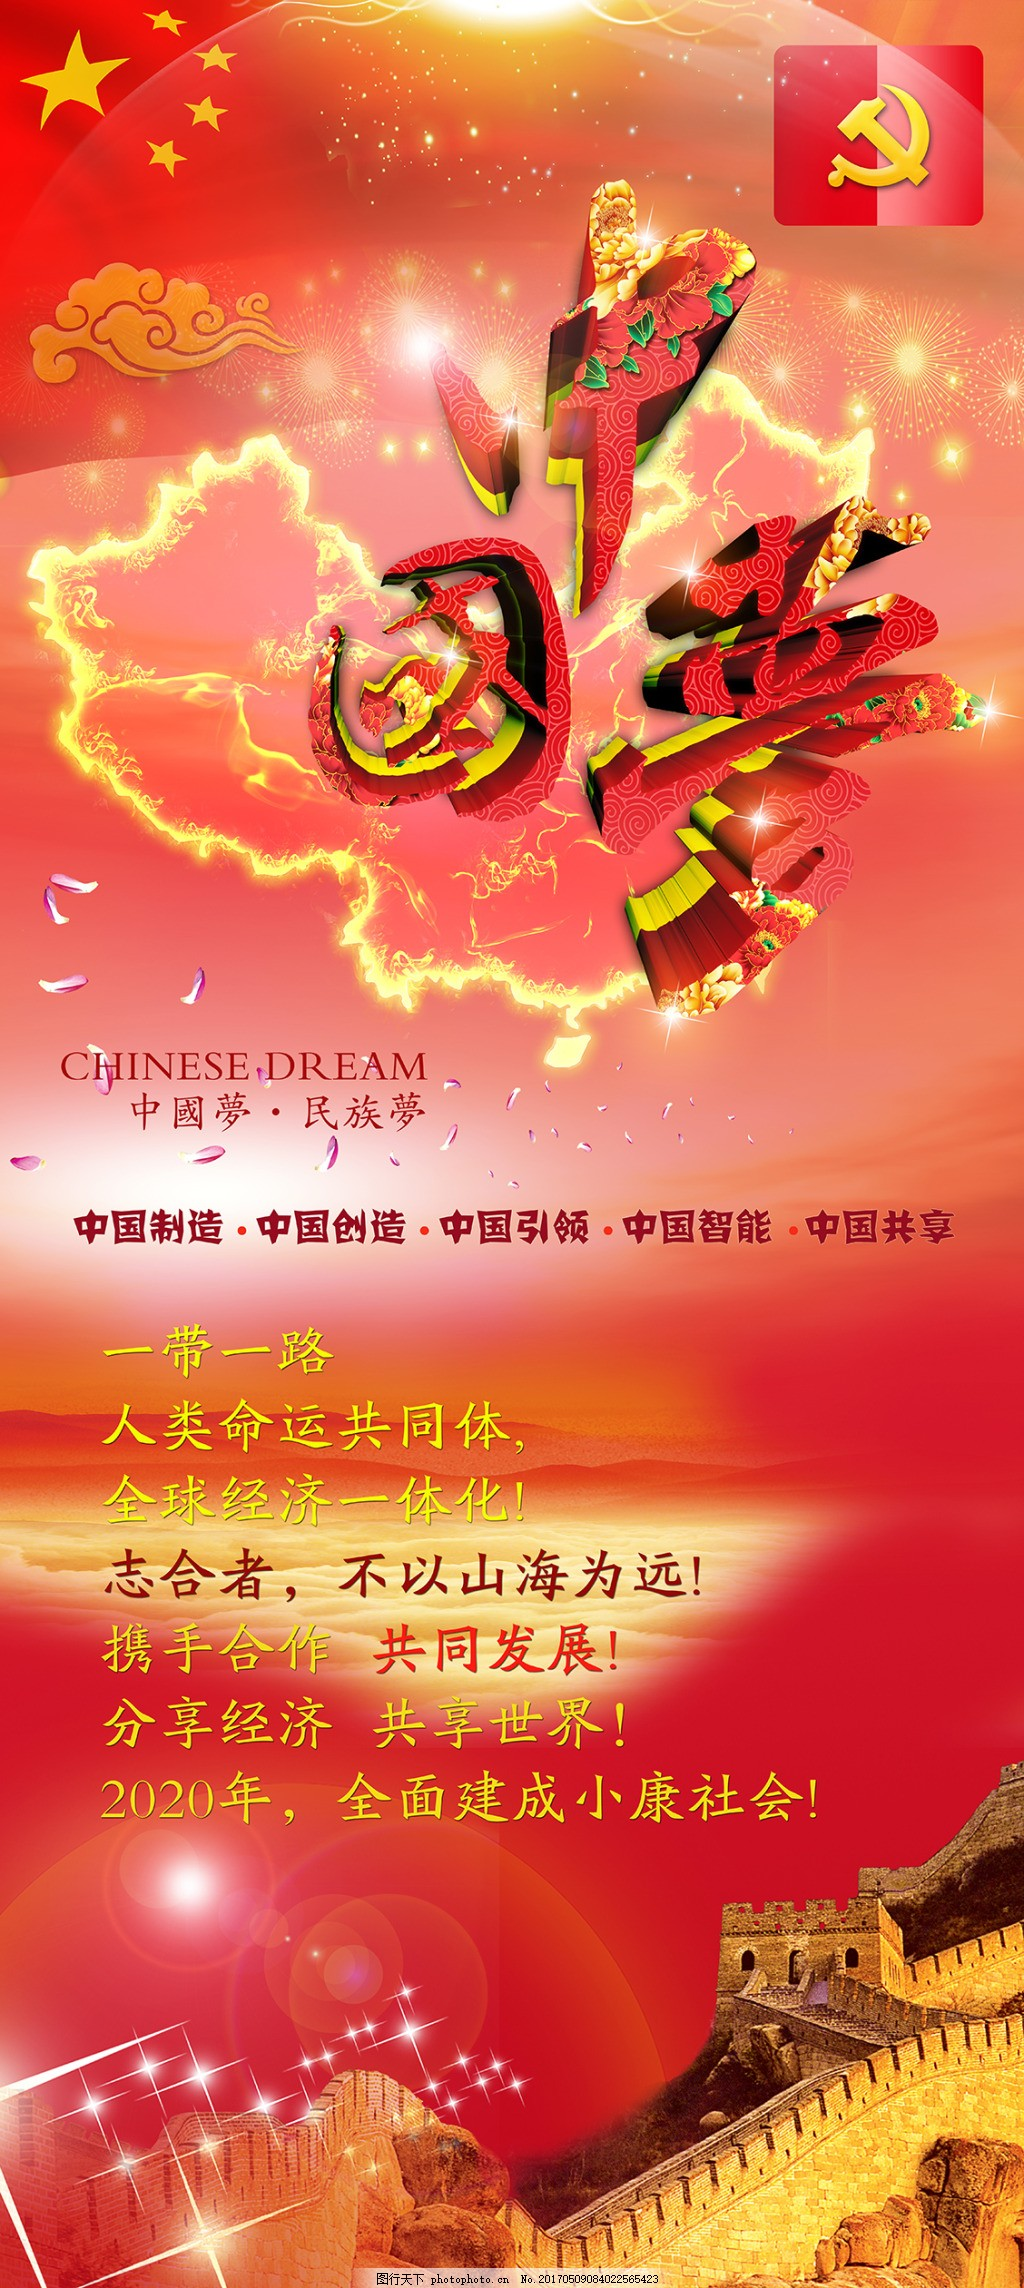 中国梦我们的梦展架 一带一路门型展架 人类命运共同体红色展架 红色